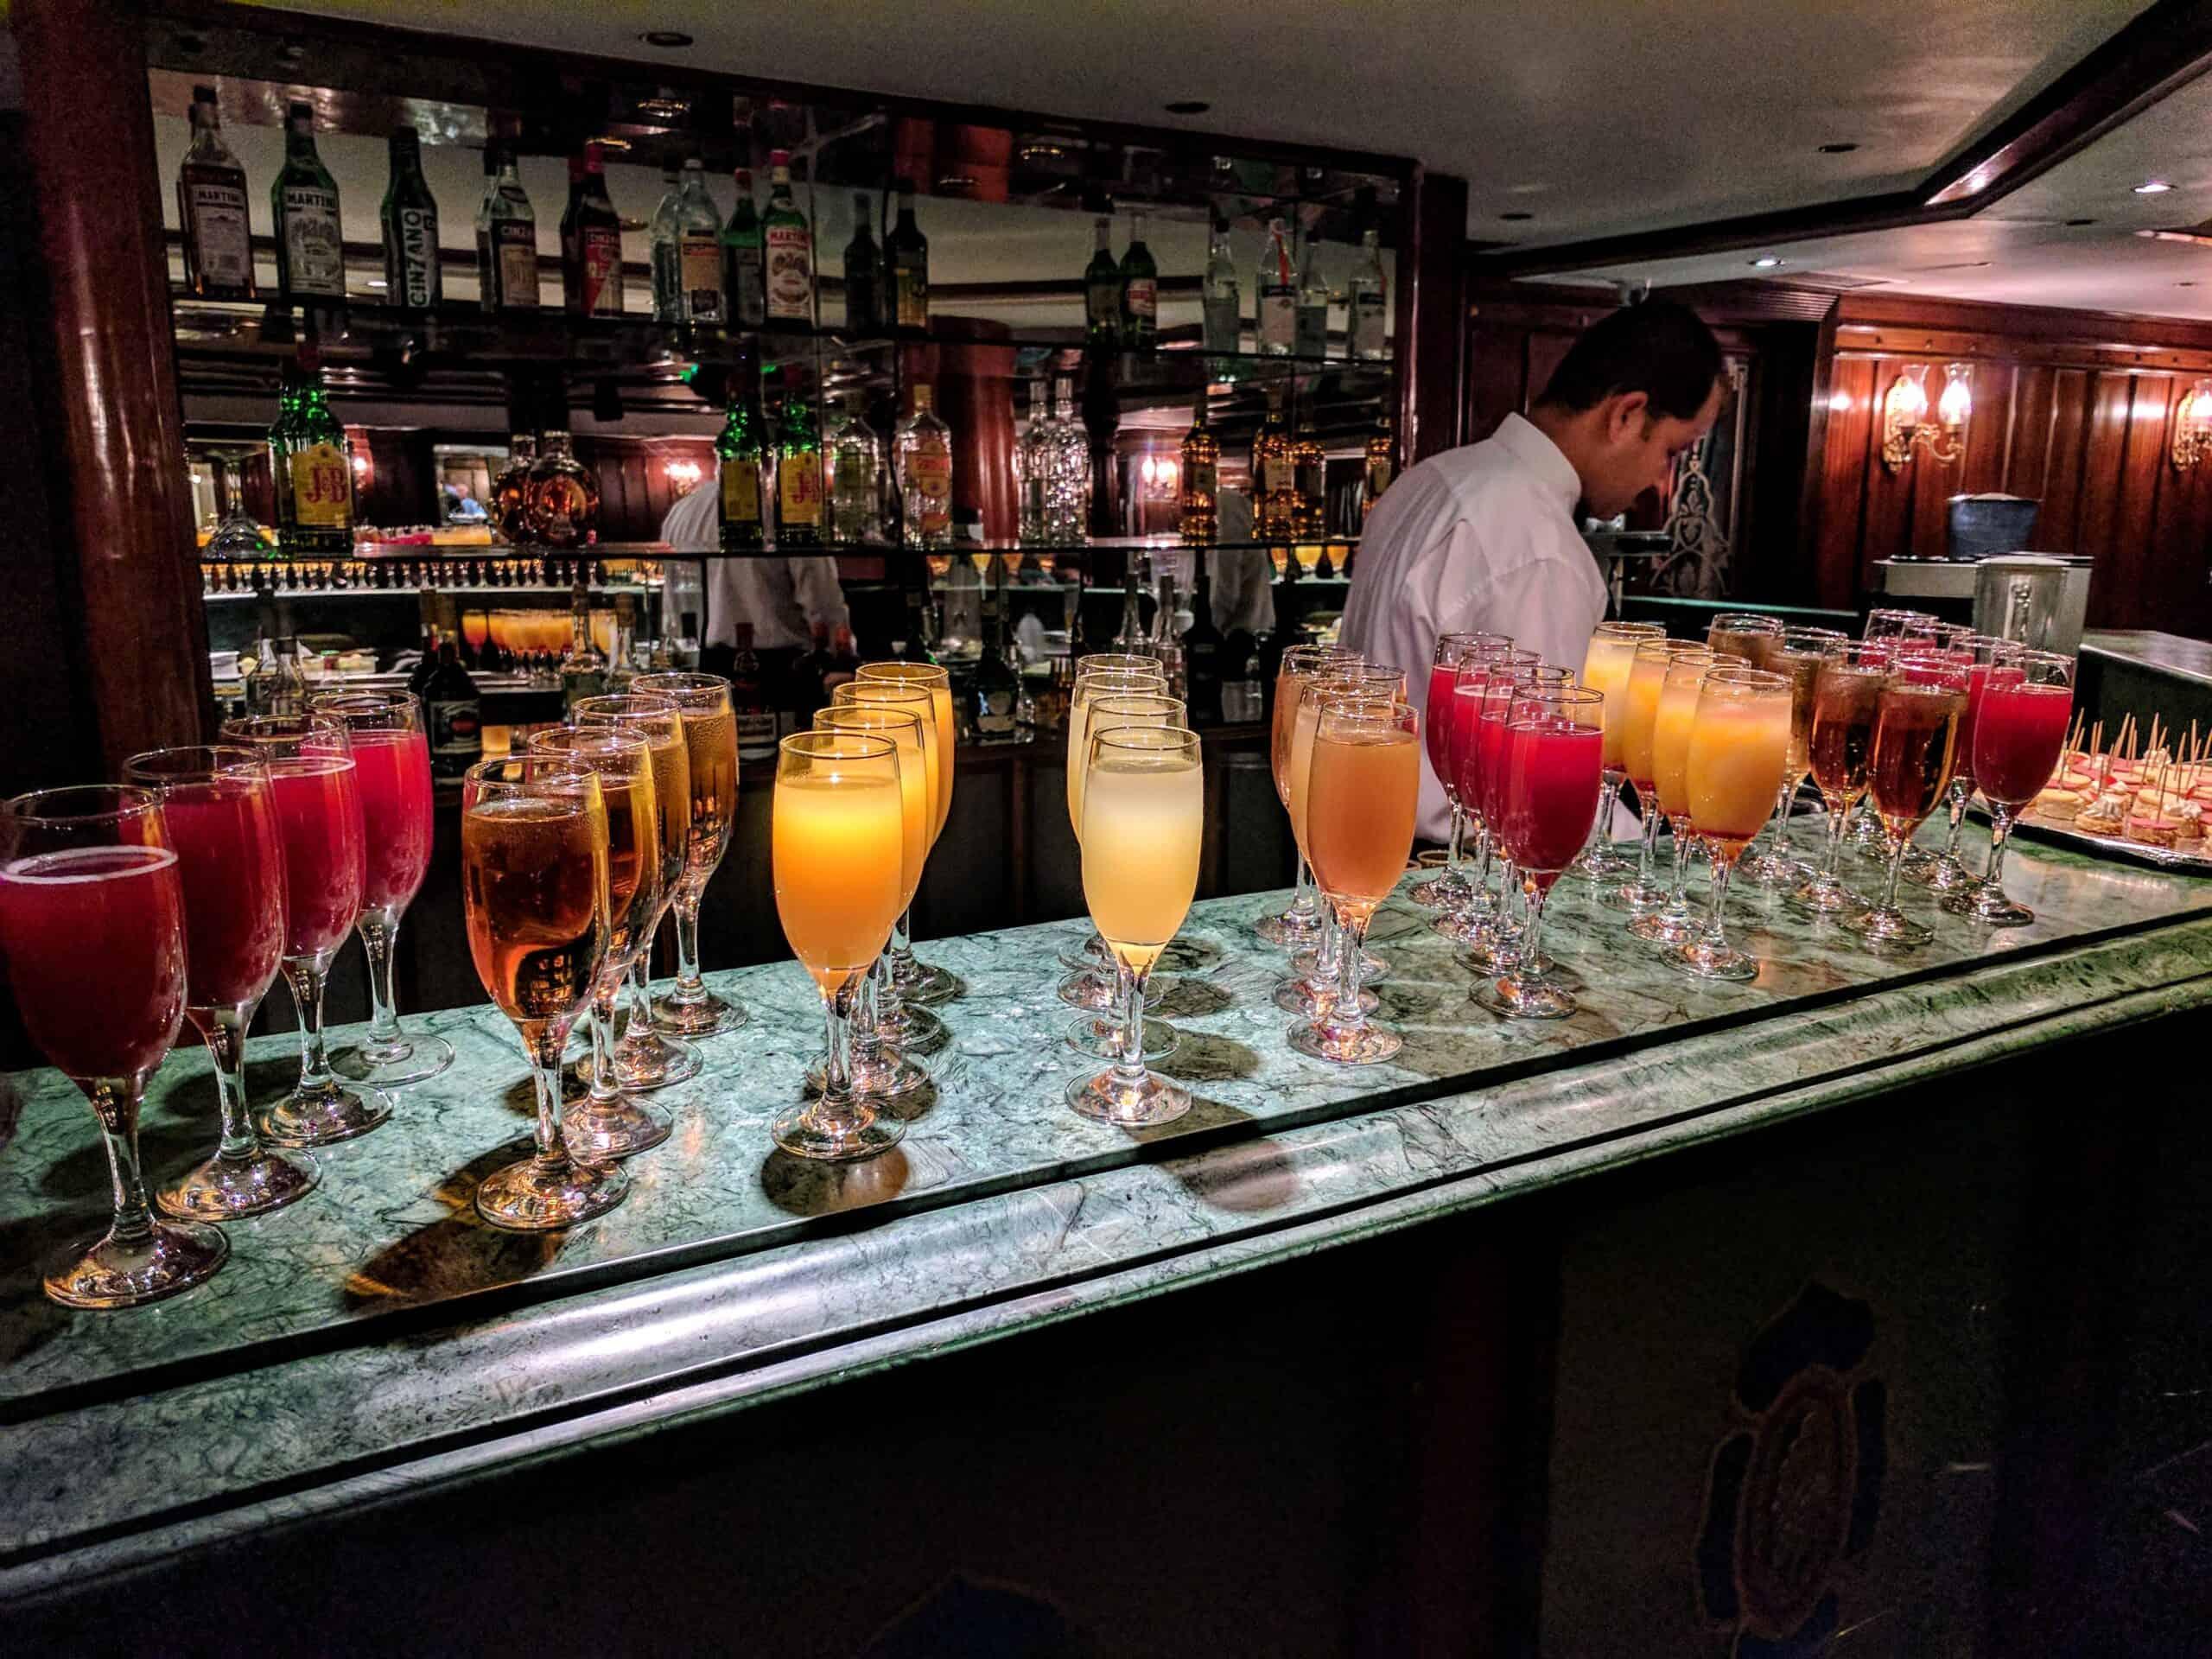 Bebidas servidas durante cruzeiro no Nilo